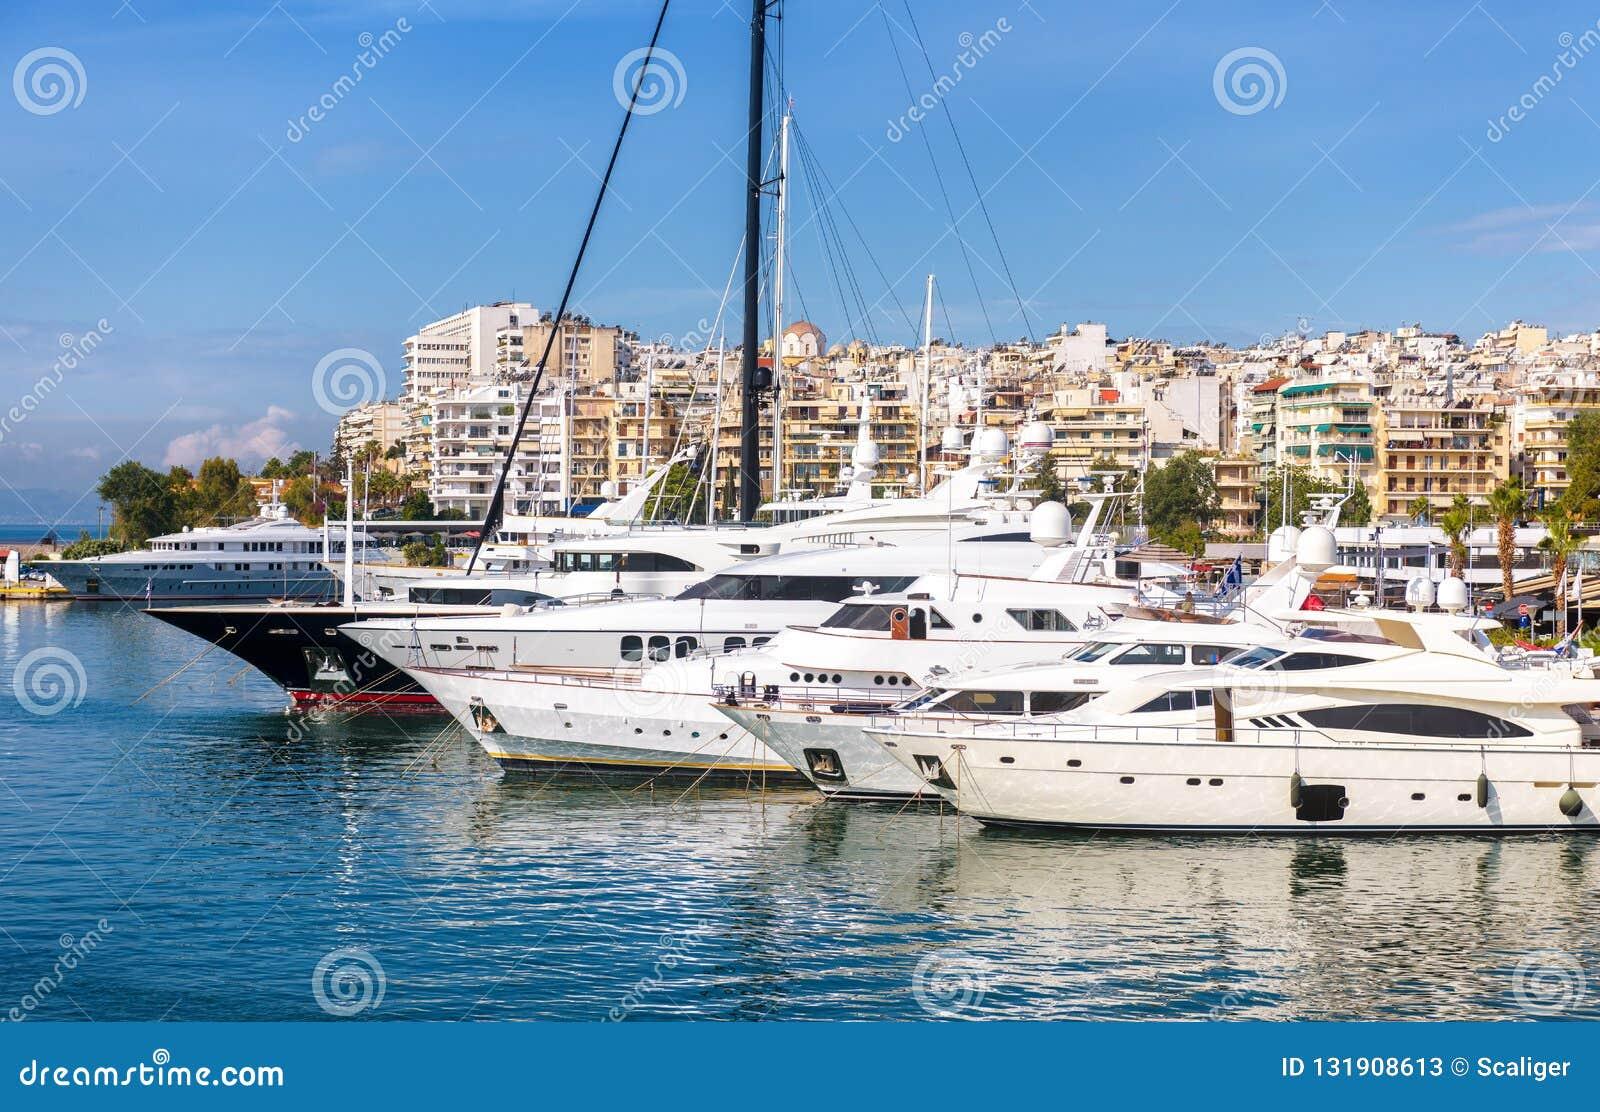 Modern Yachts Parking In Beautiful Marina In Piraeus, Athens